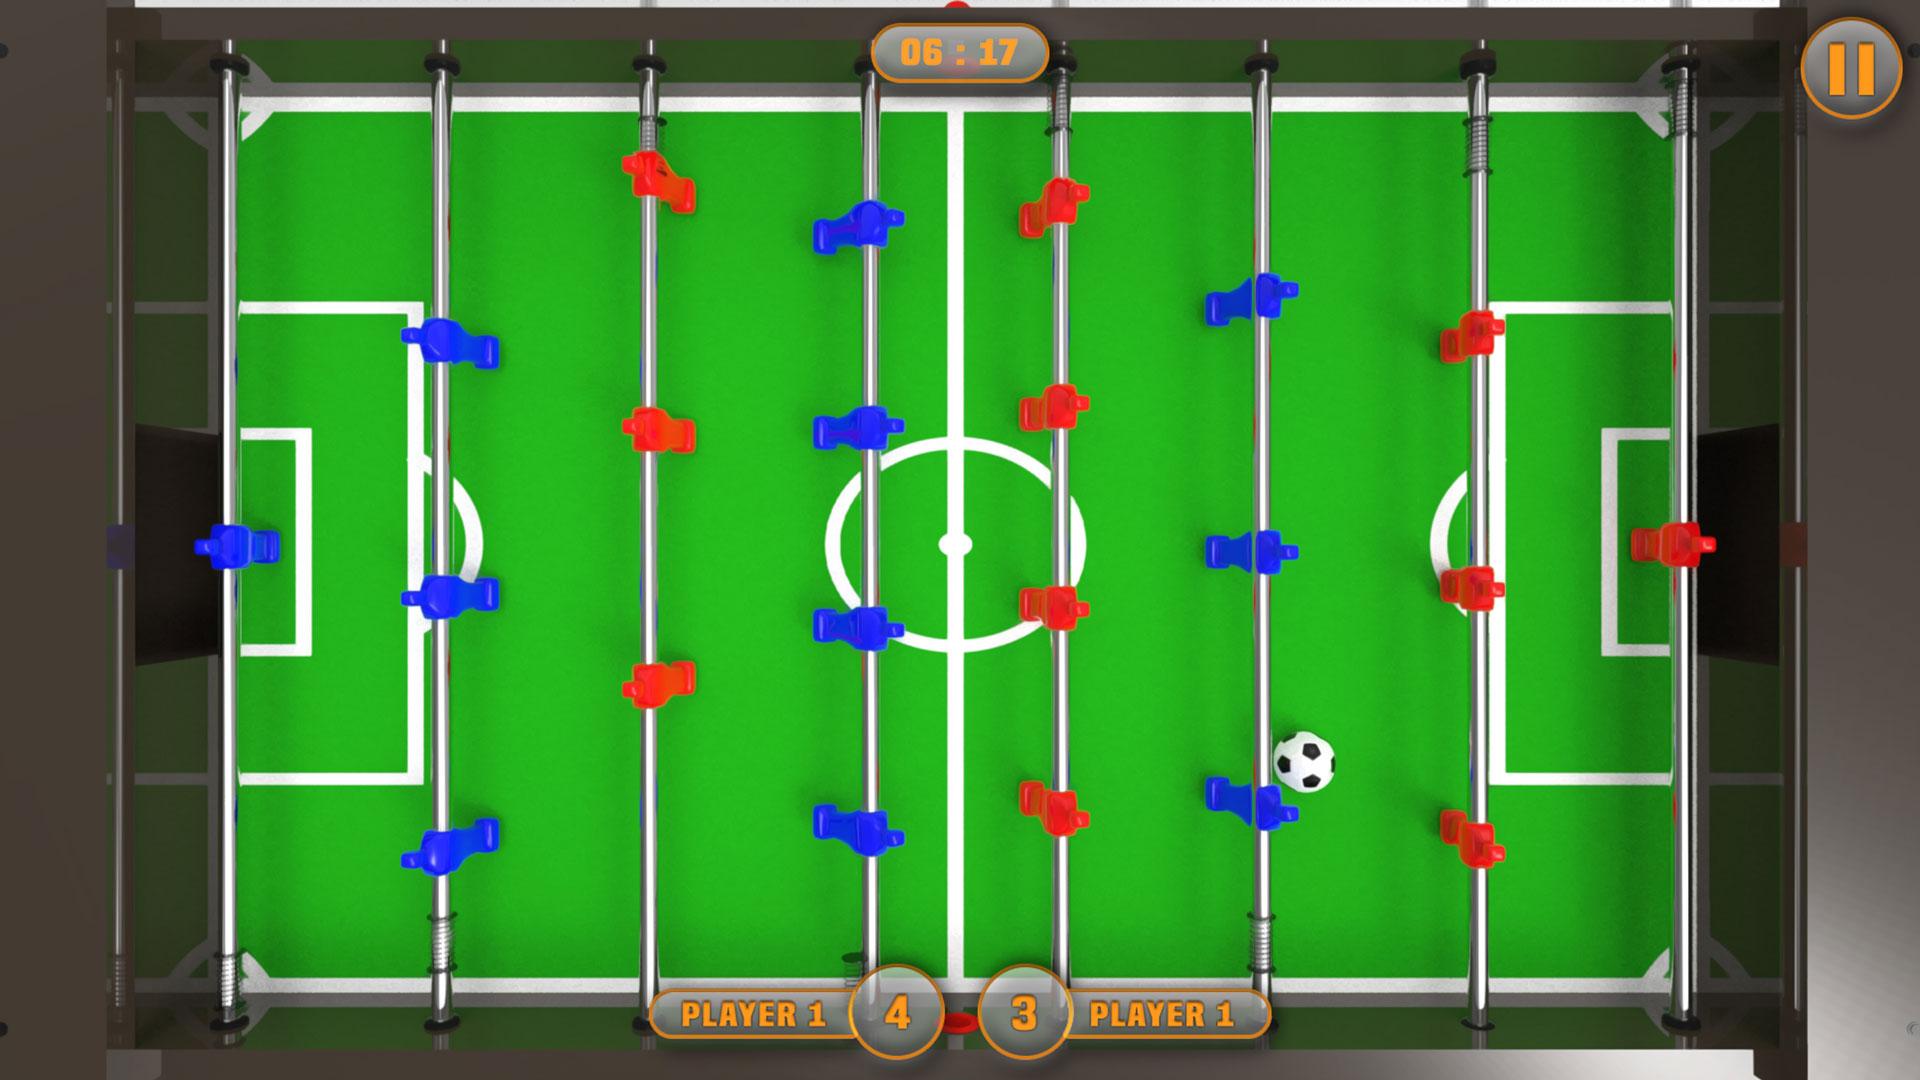 Campeones de la Liga de Foosball - Juego de mesa multijugador: Amazon.es: Appstore para Android